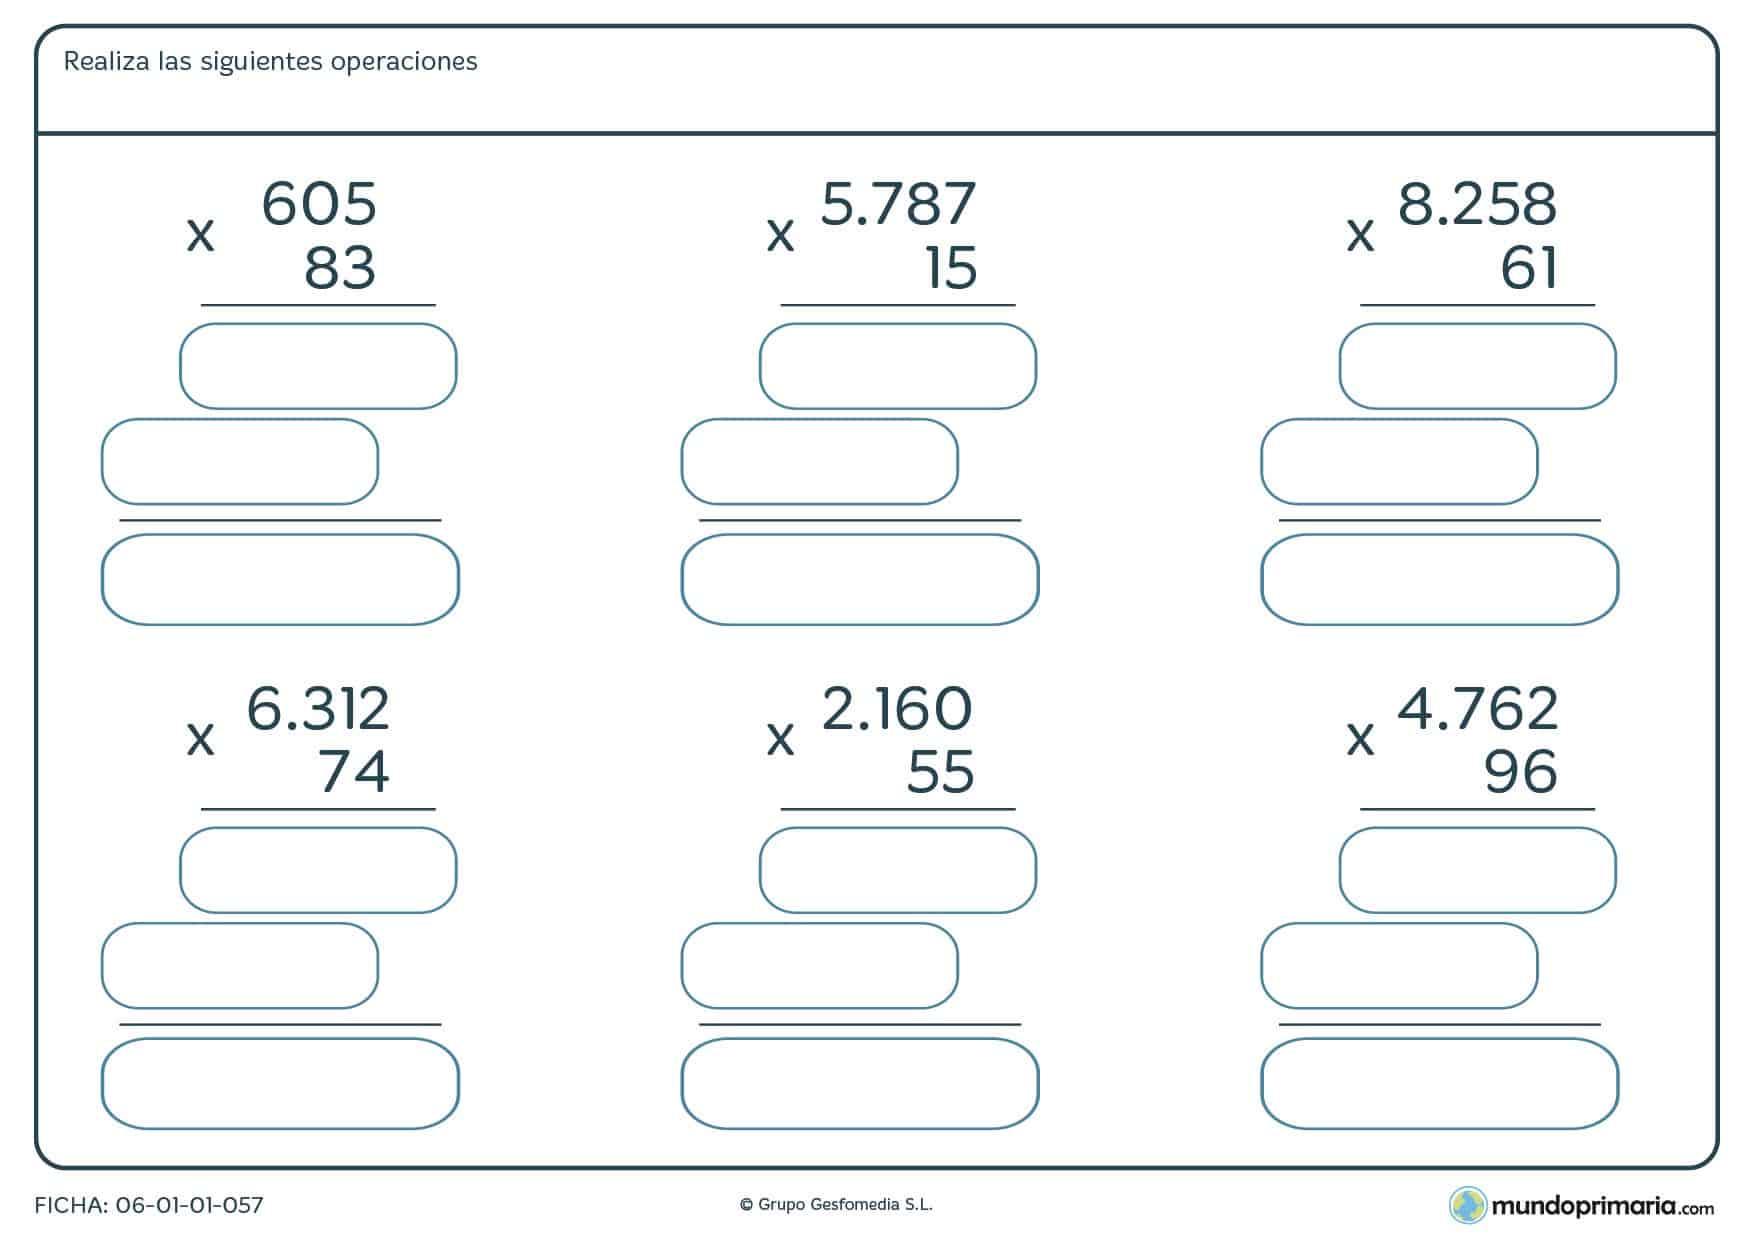 Ficha de hallar el resultado a las multiplicaciones propuestas, recomendada para niños de cuarto de Primaria o cursos superiores